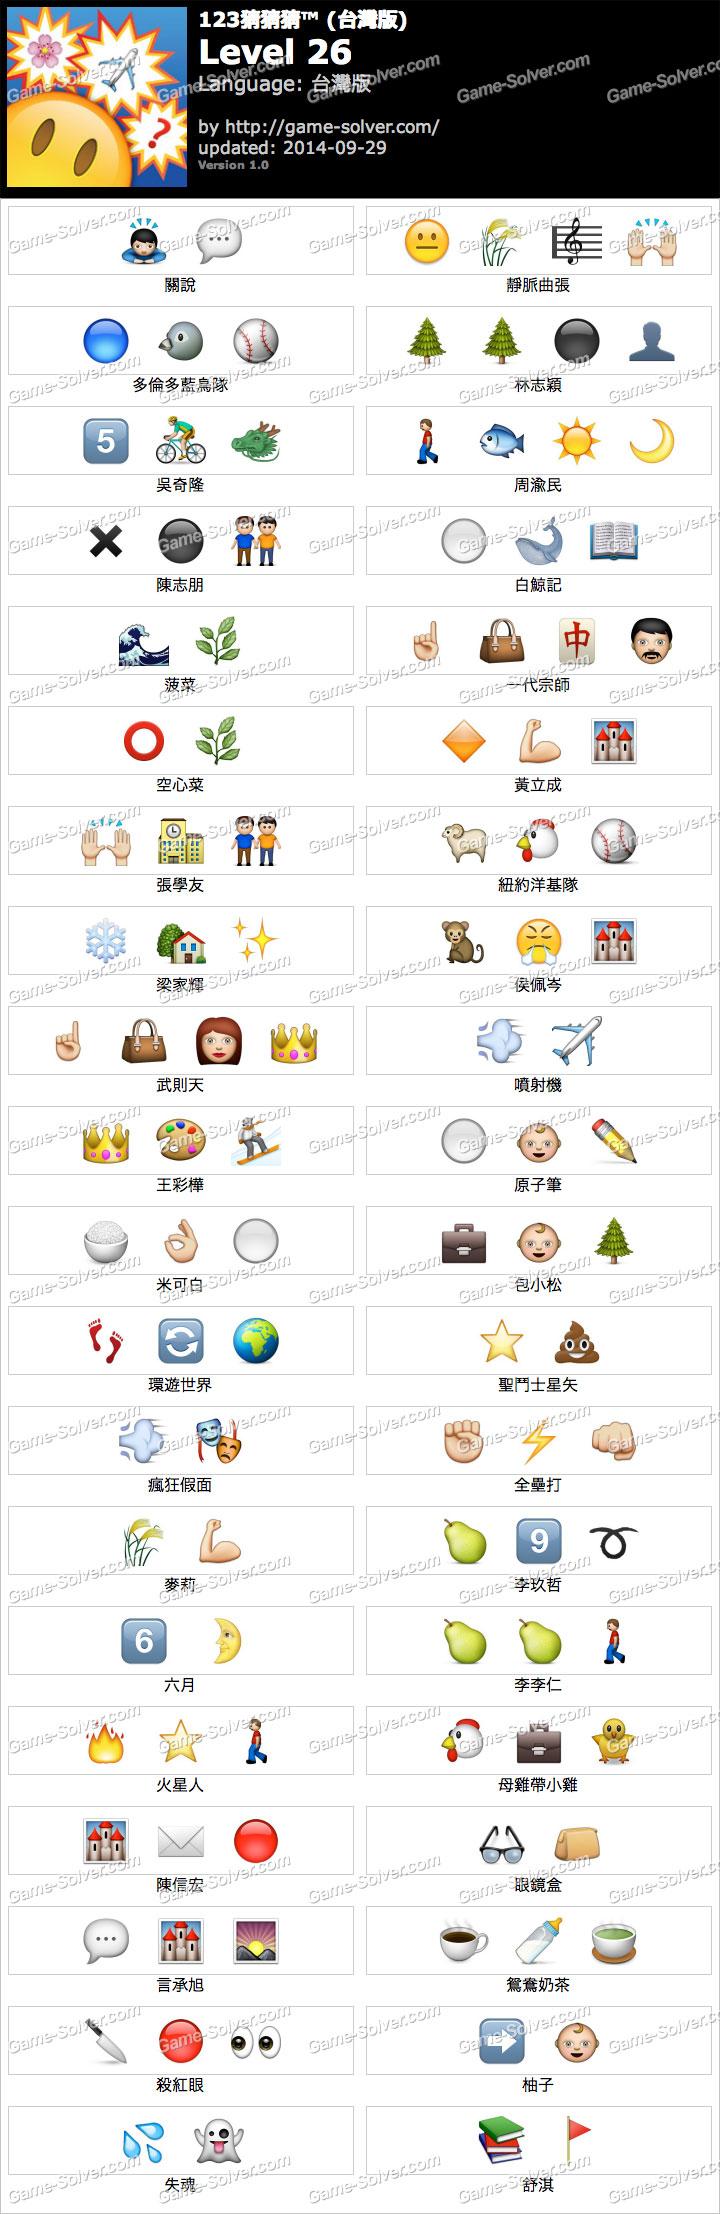 123猜猜猜台灣版答案等級26